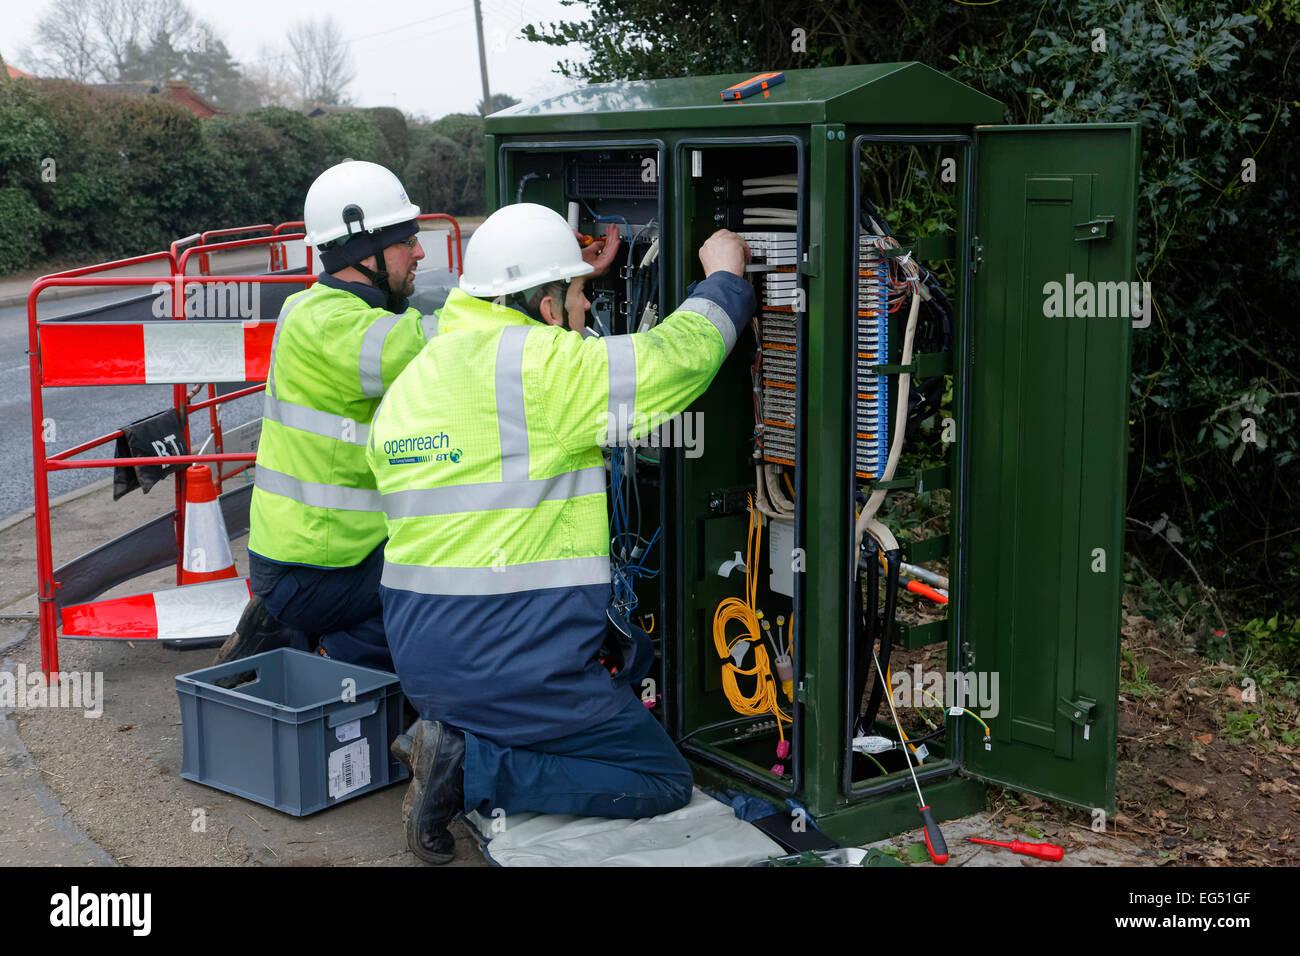 BT Openreach ingénieurs travaillant sur une connexion internet cabinet fibre dans la rue Photo Stock